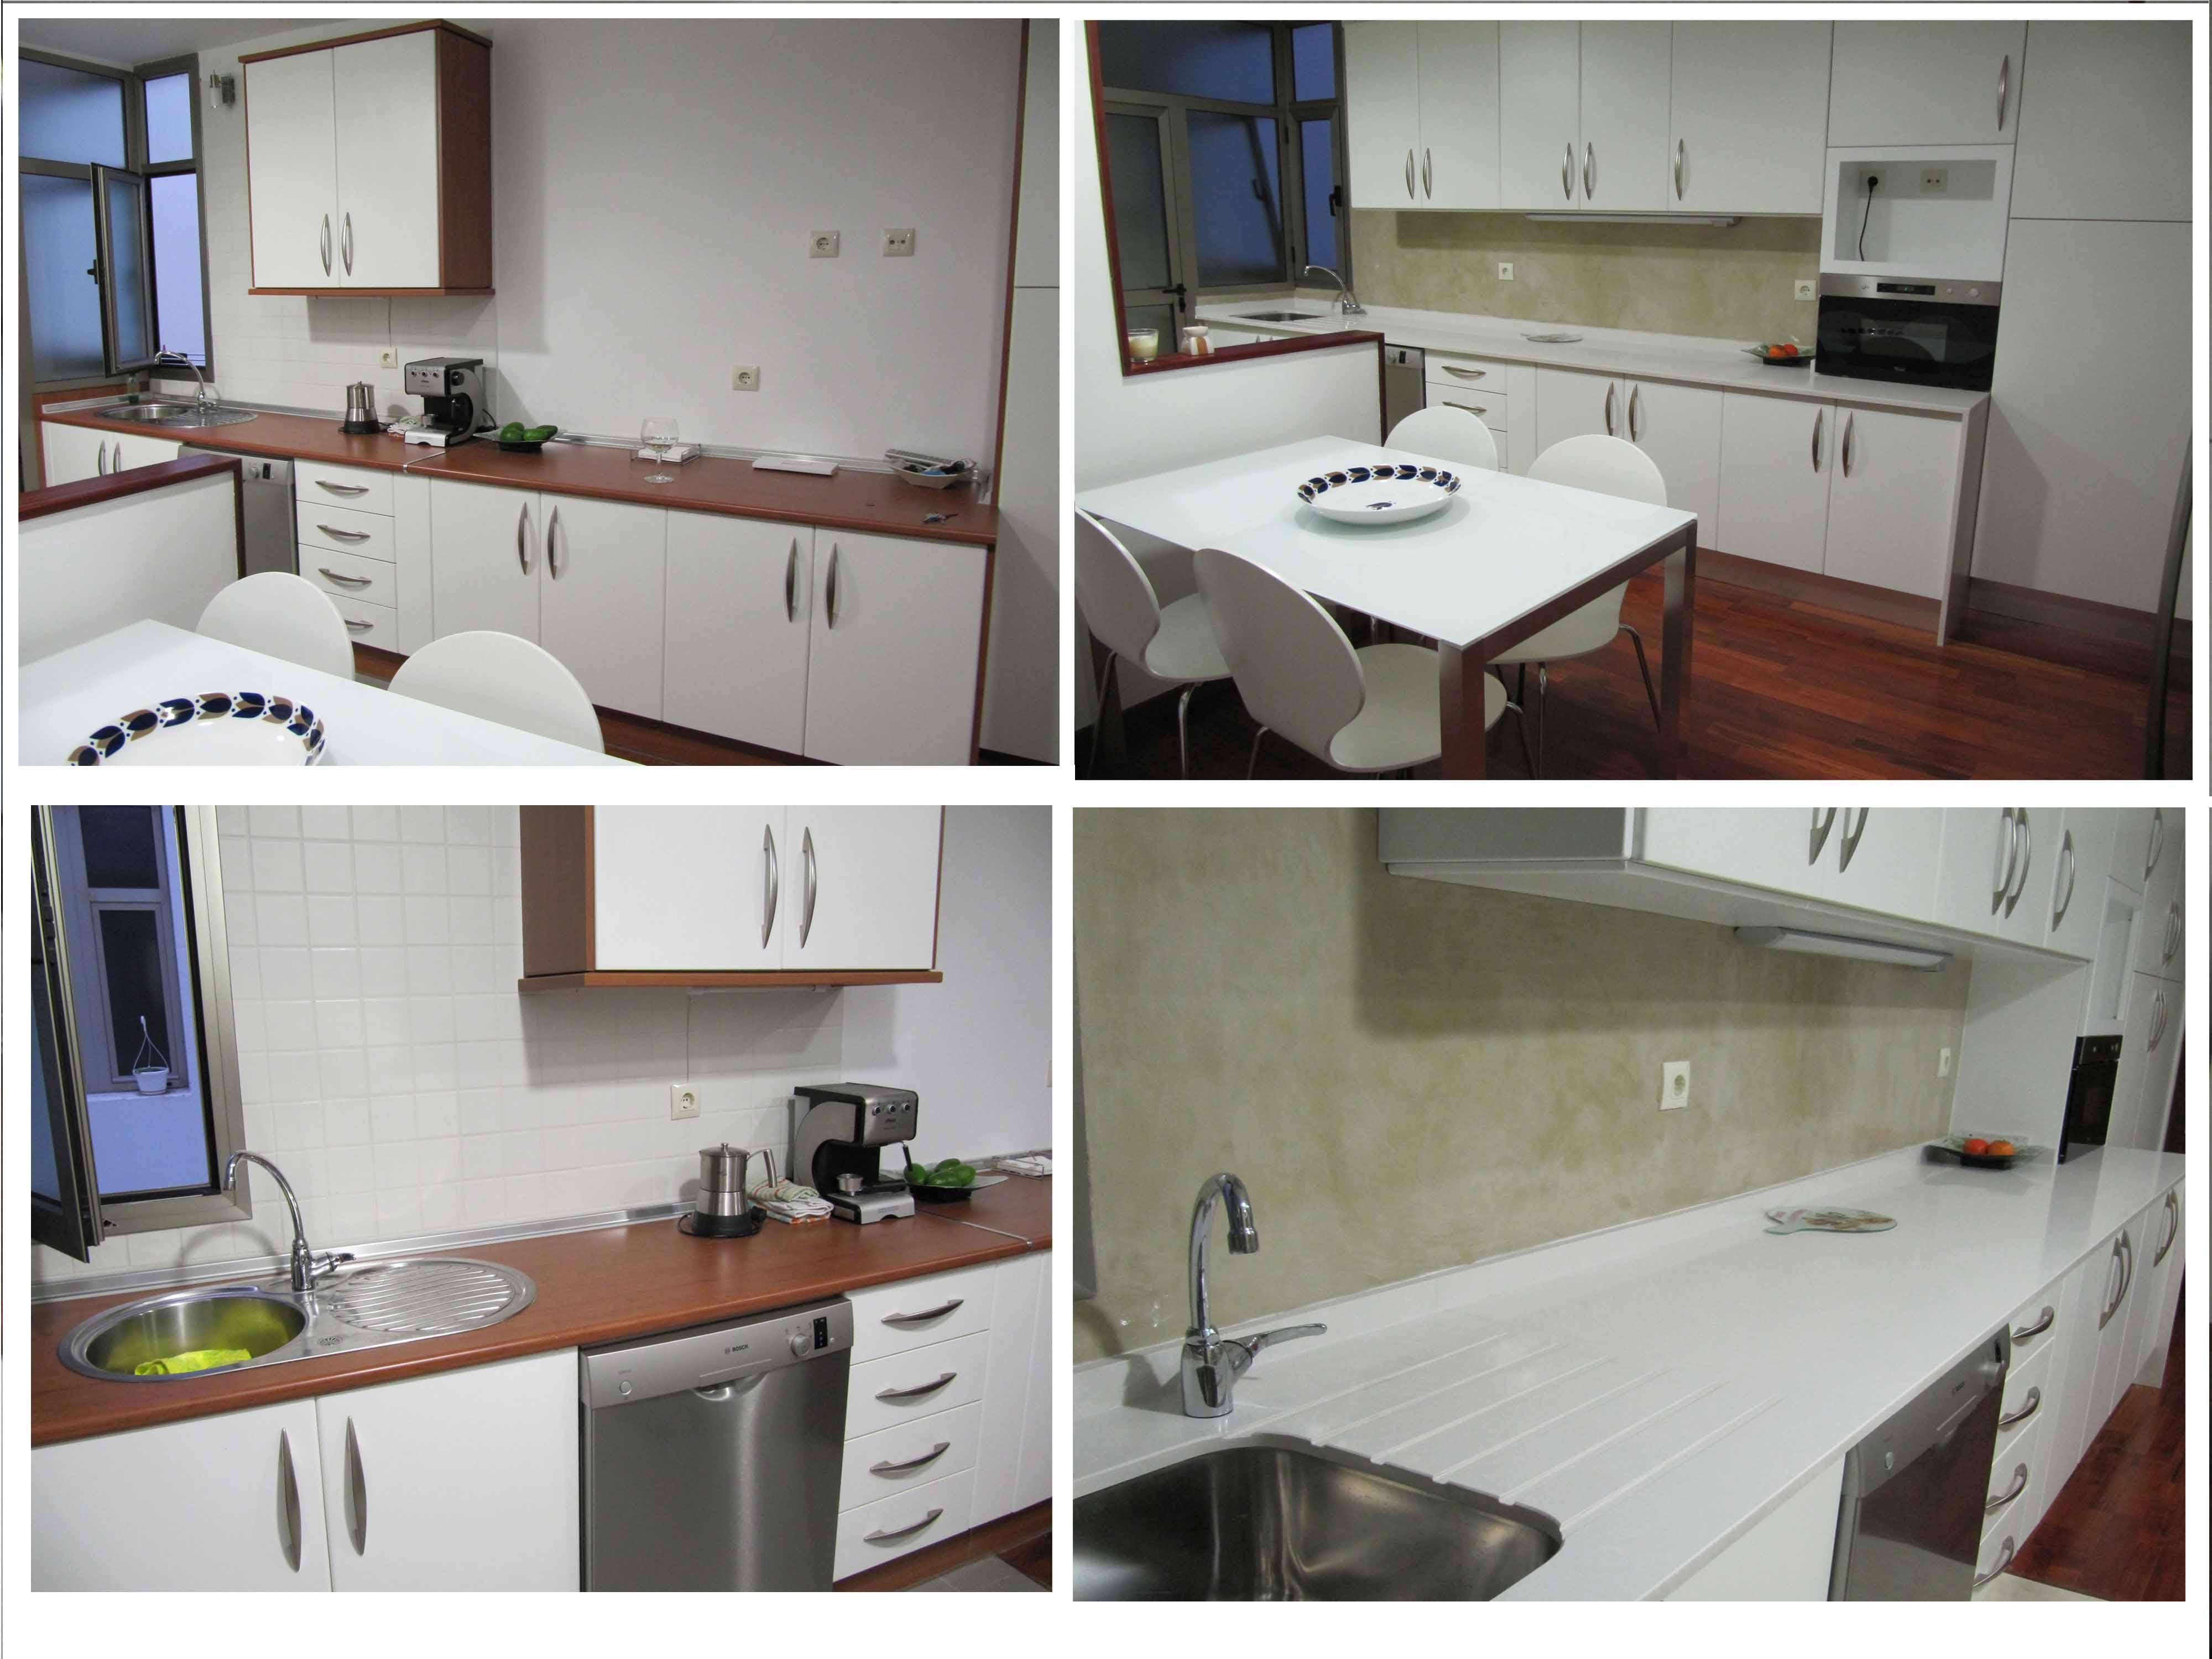 reformar cocina con microcemento sin quitar los azulejos On quitar azulejos sin obra